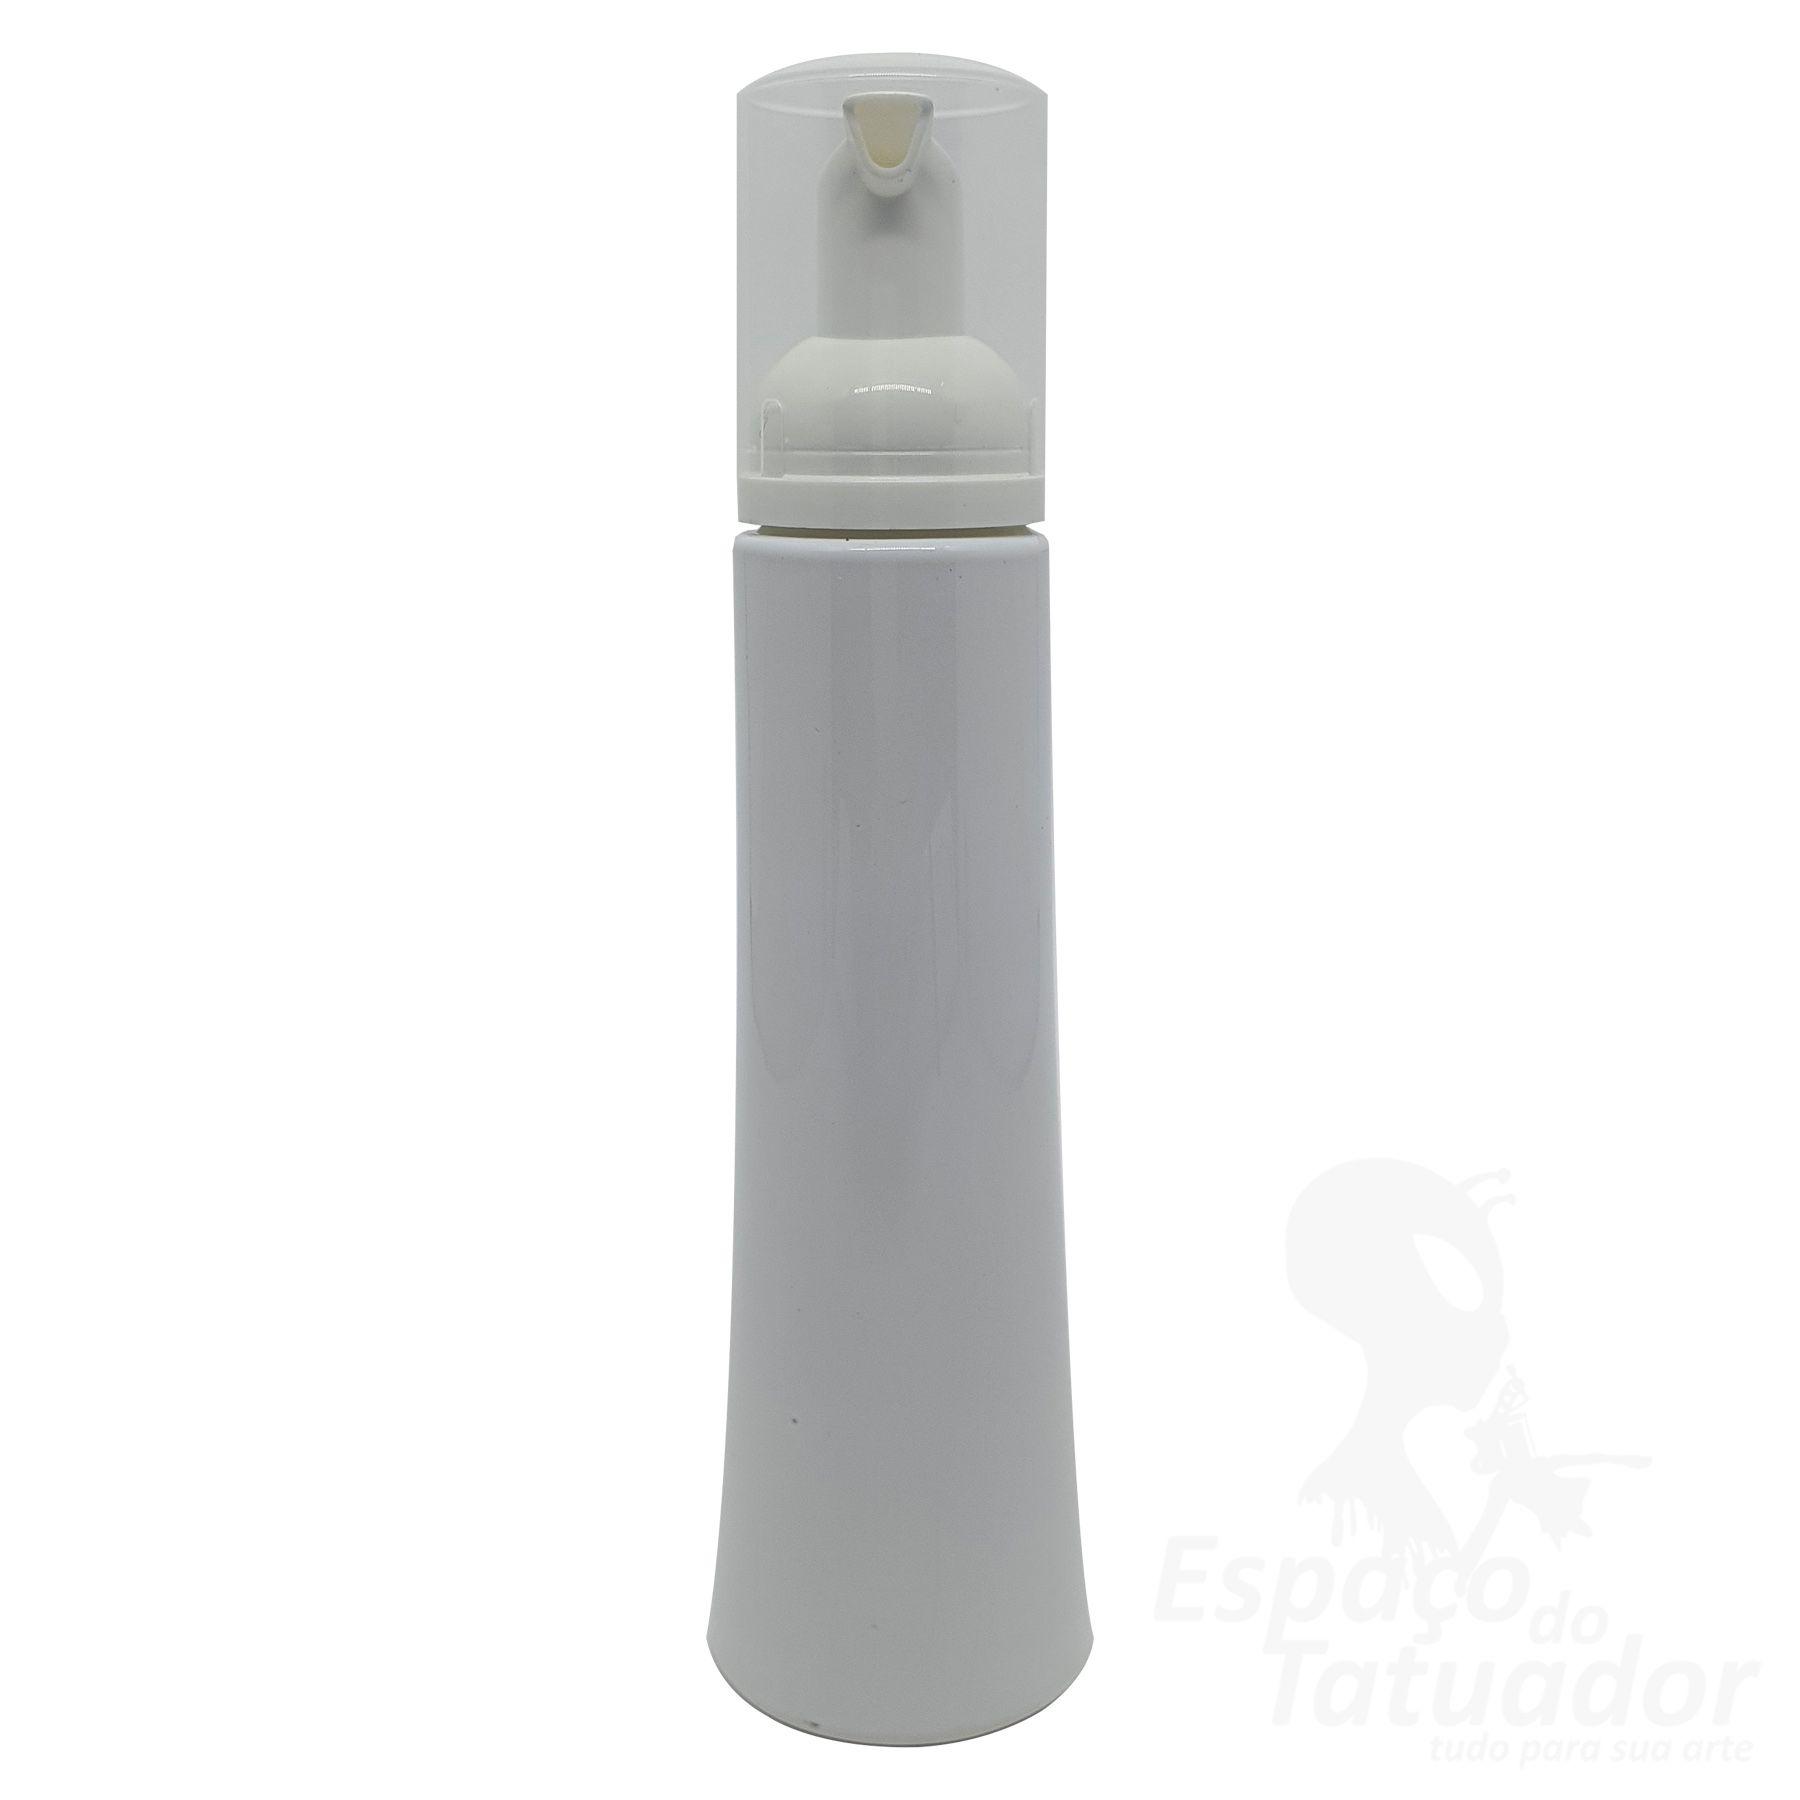 Frasco Espumador Para Clean Tattoo e Outros Líquidos - 200ml